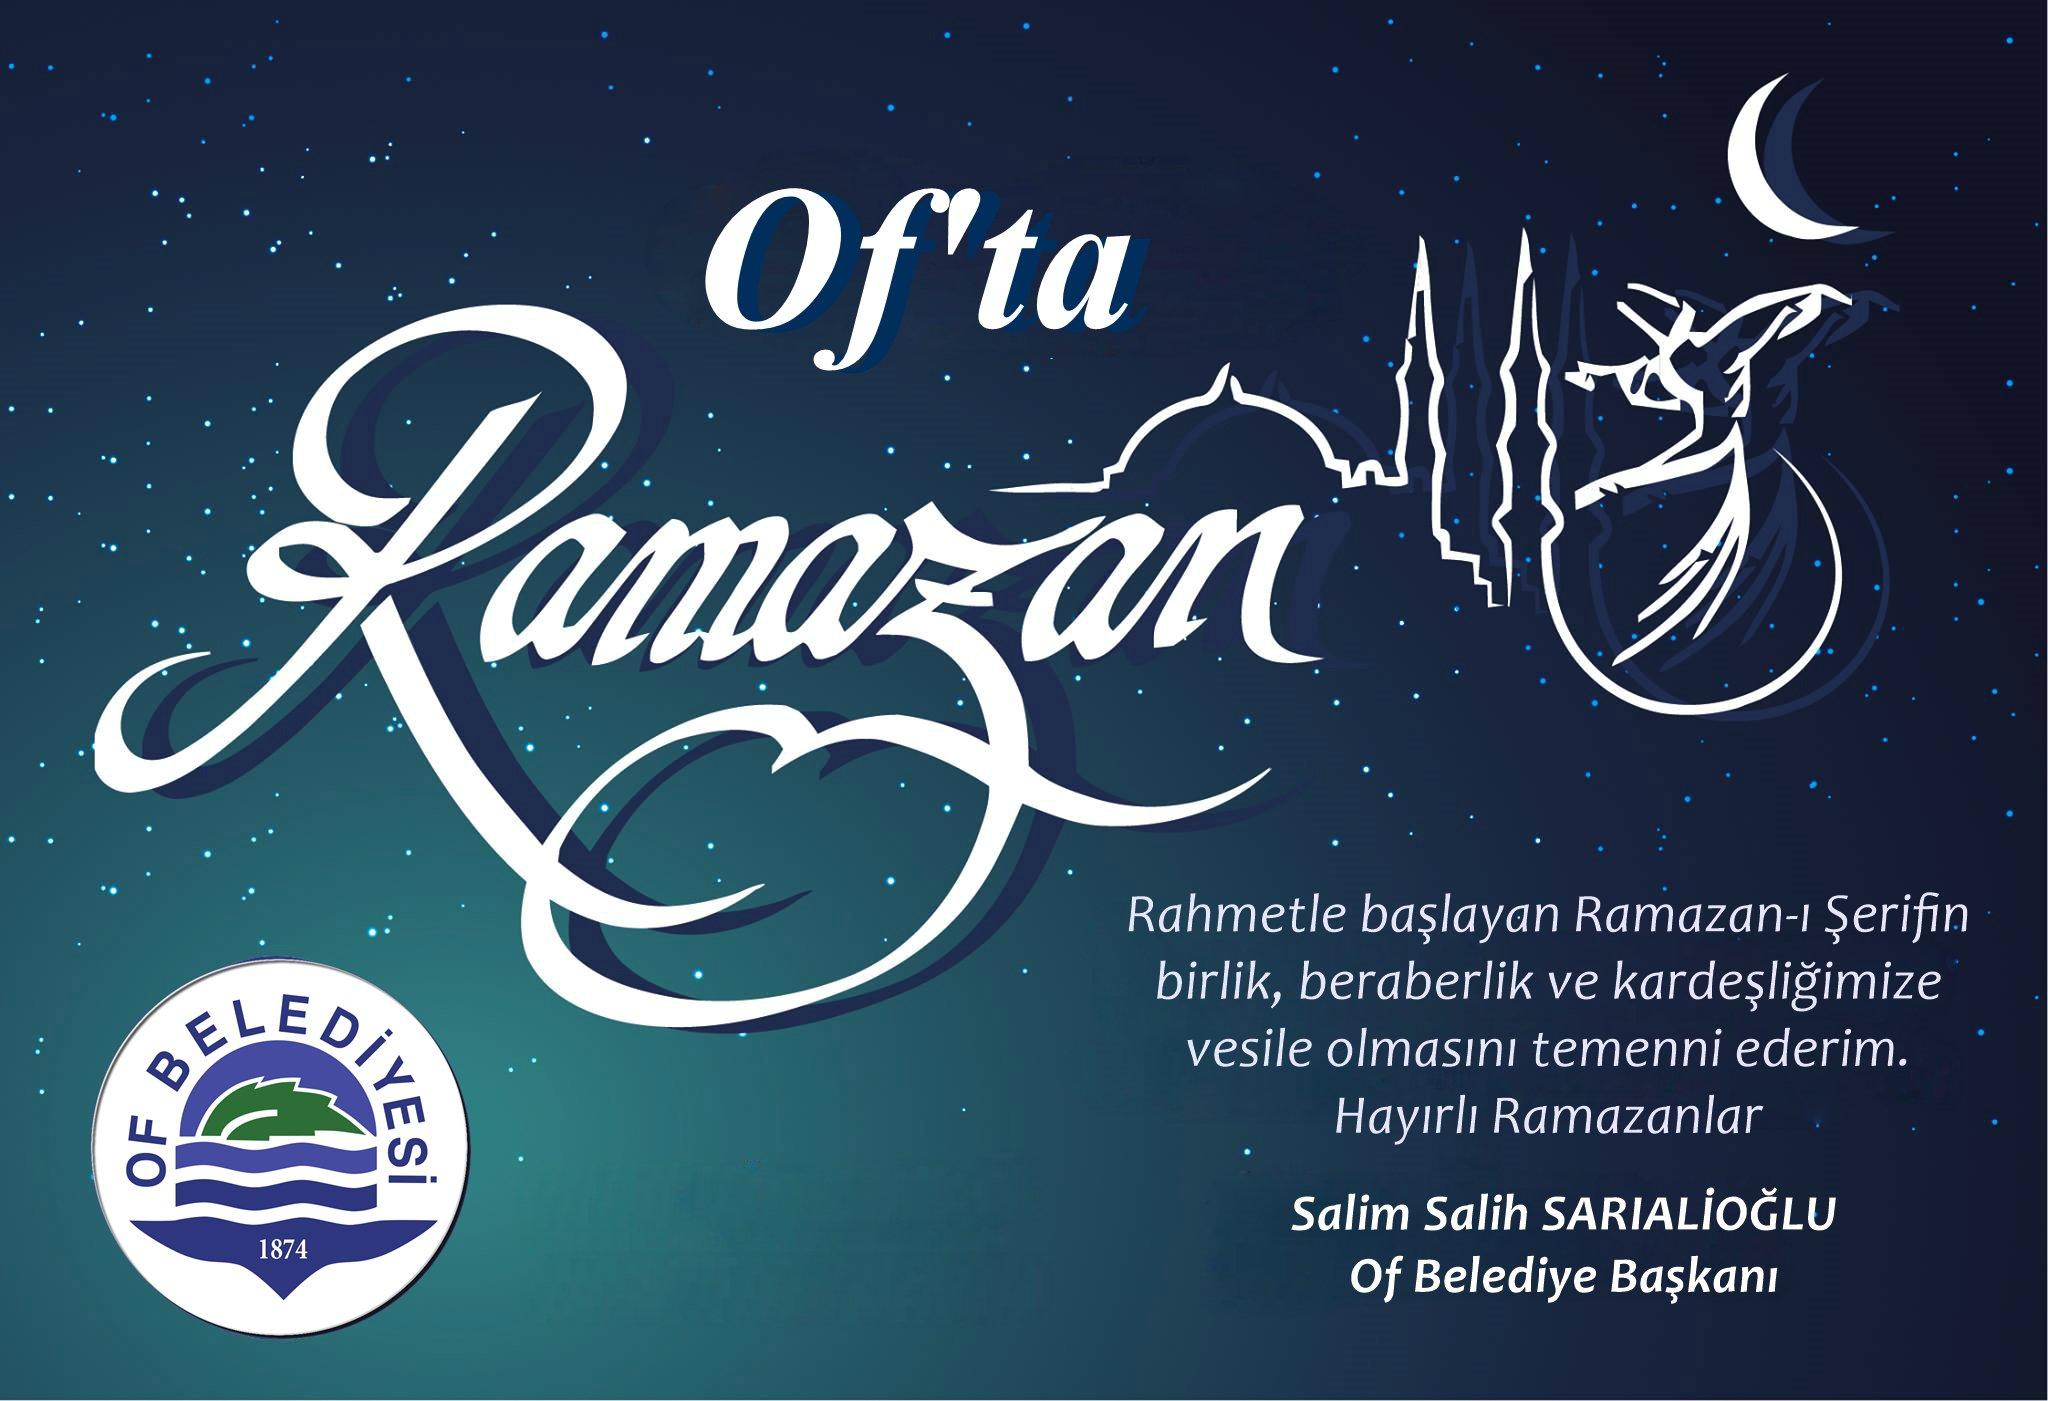 ramazan2016-of-belediyesi-salim-salih-sarialioglu.jpg